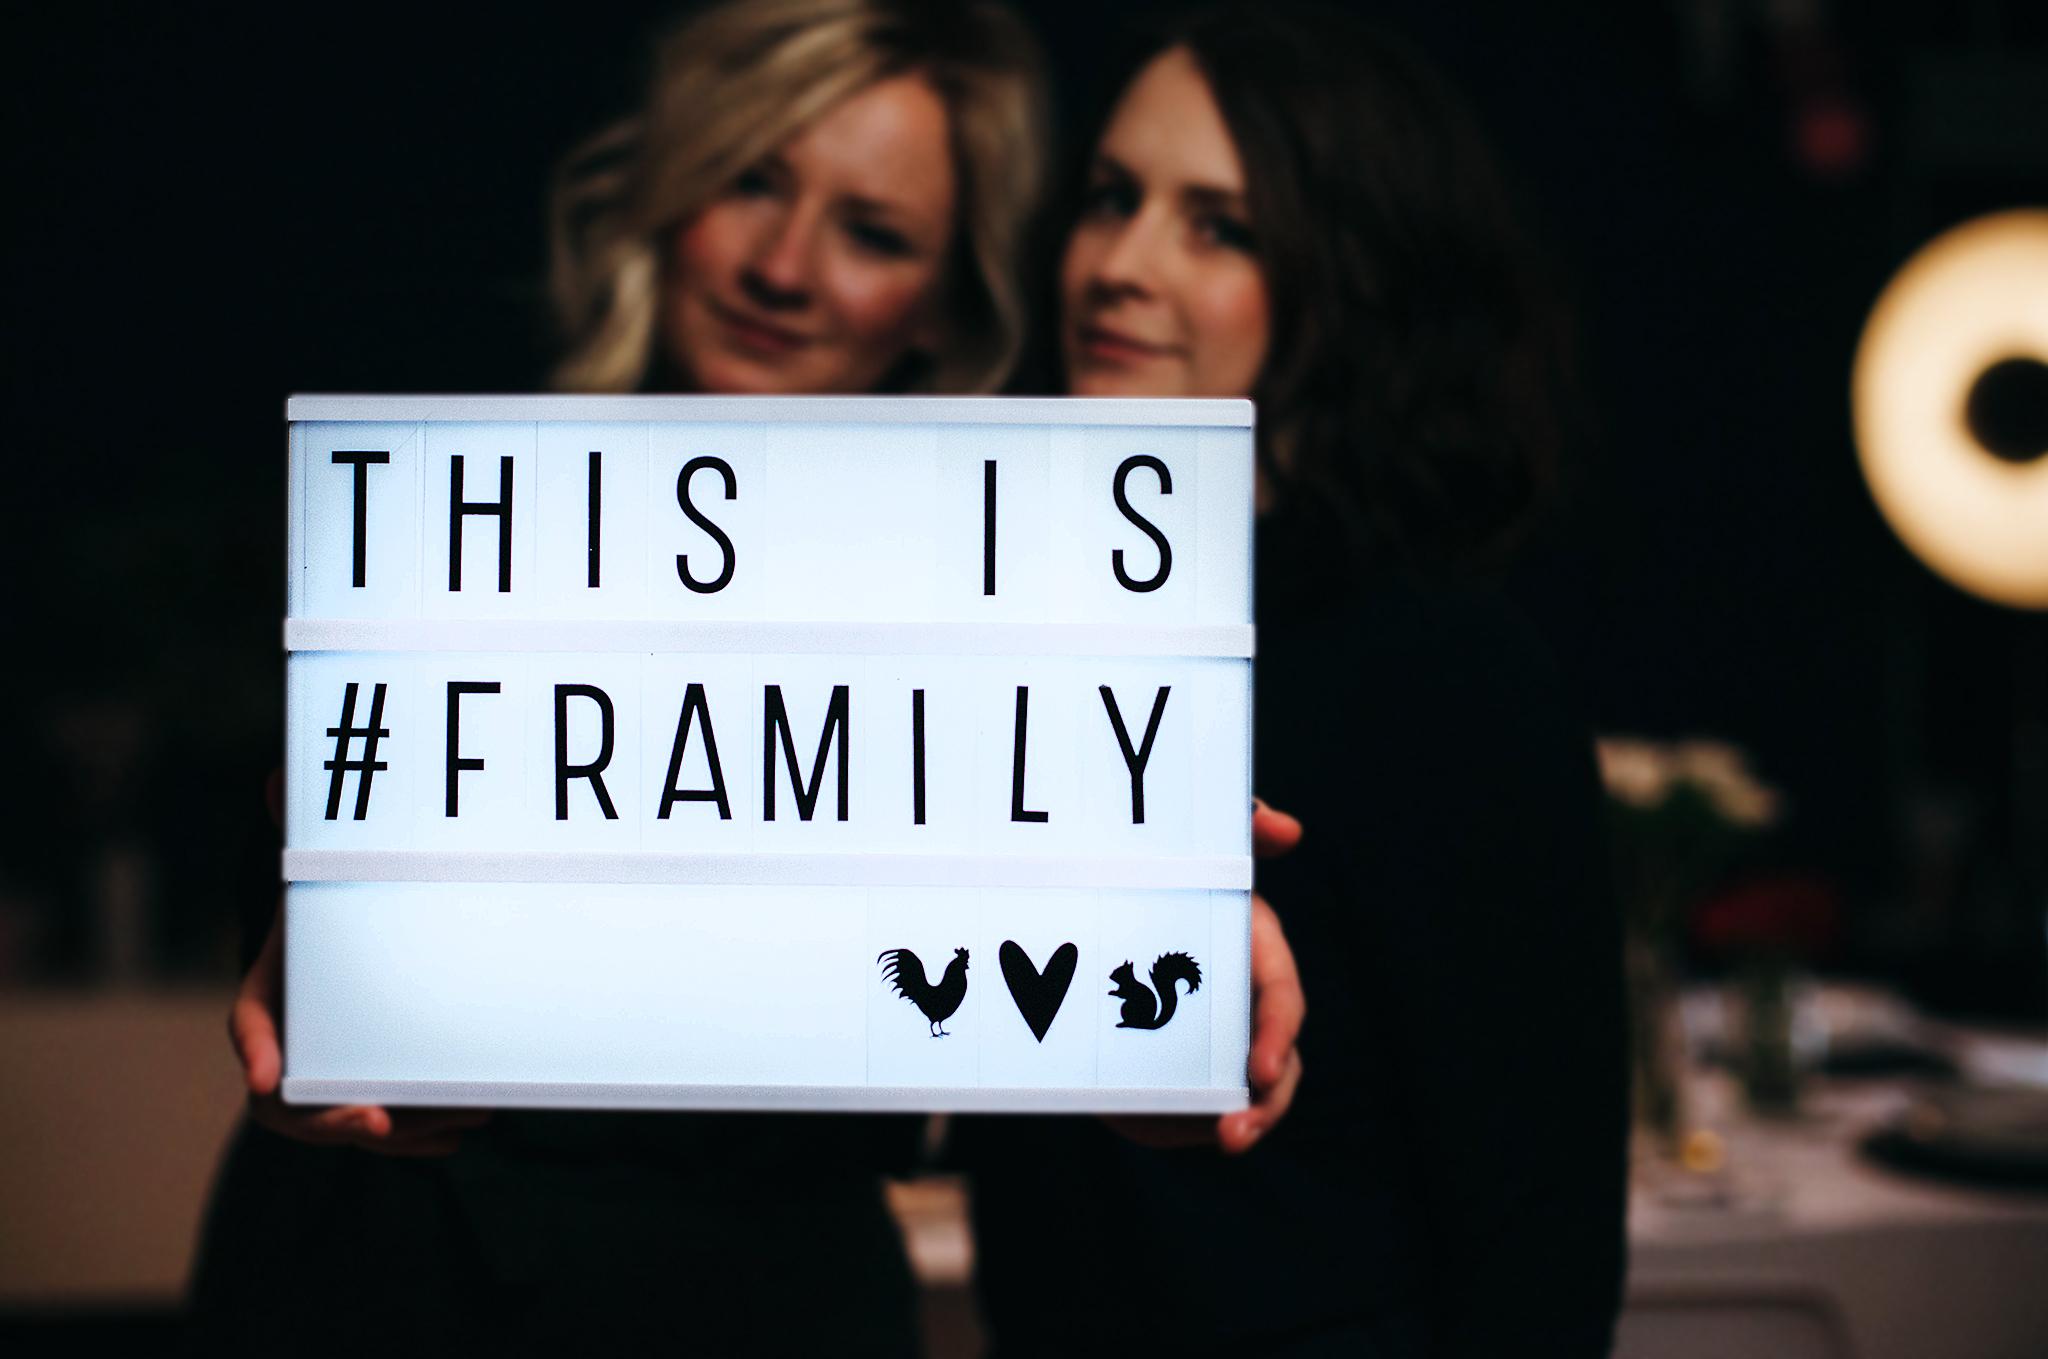 framily_1